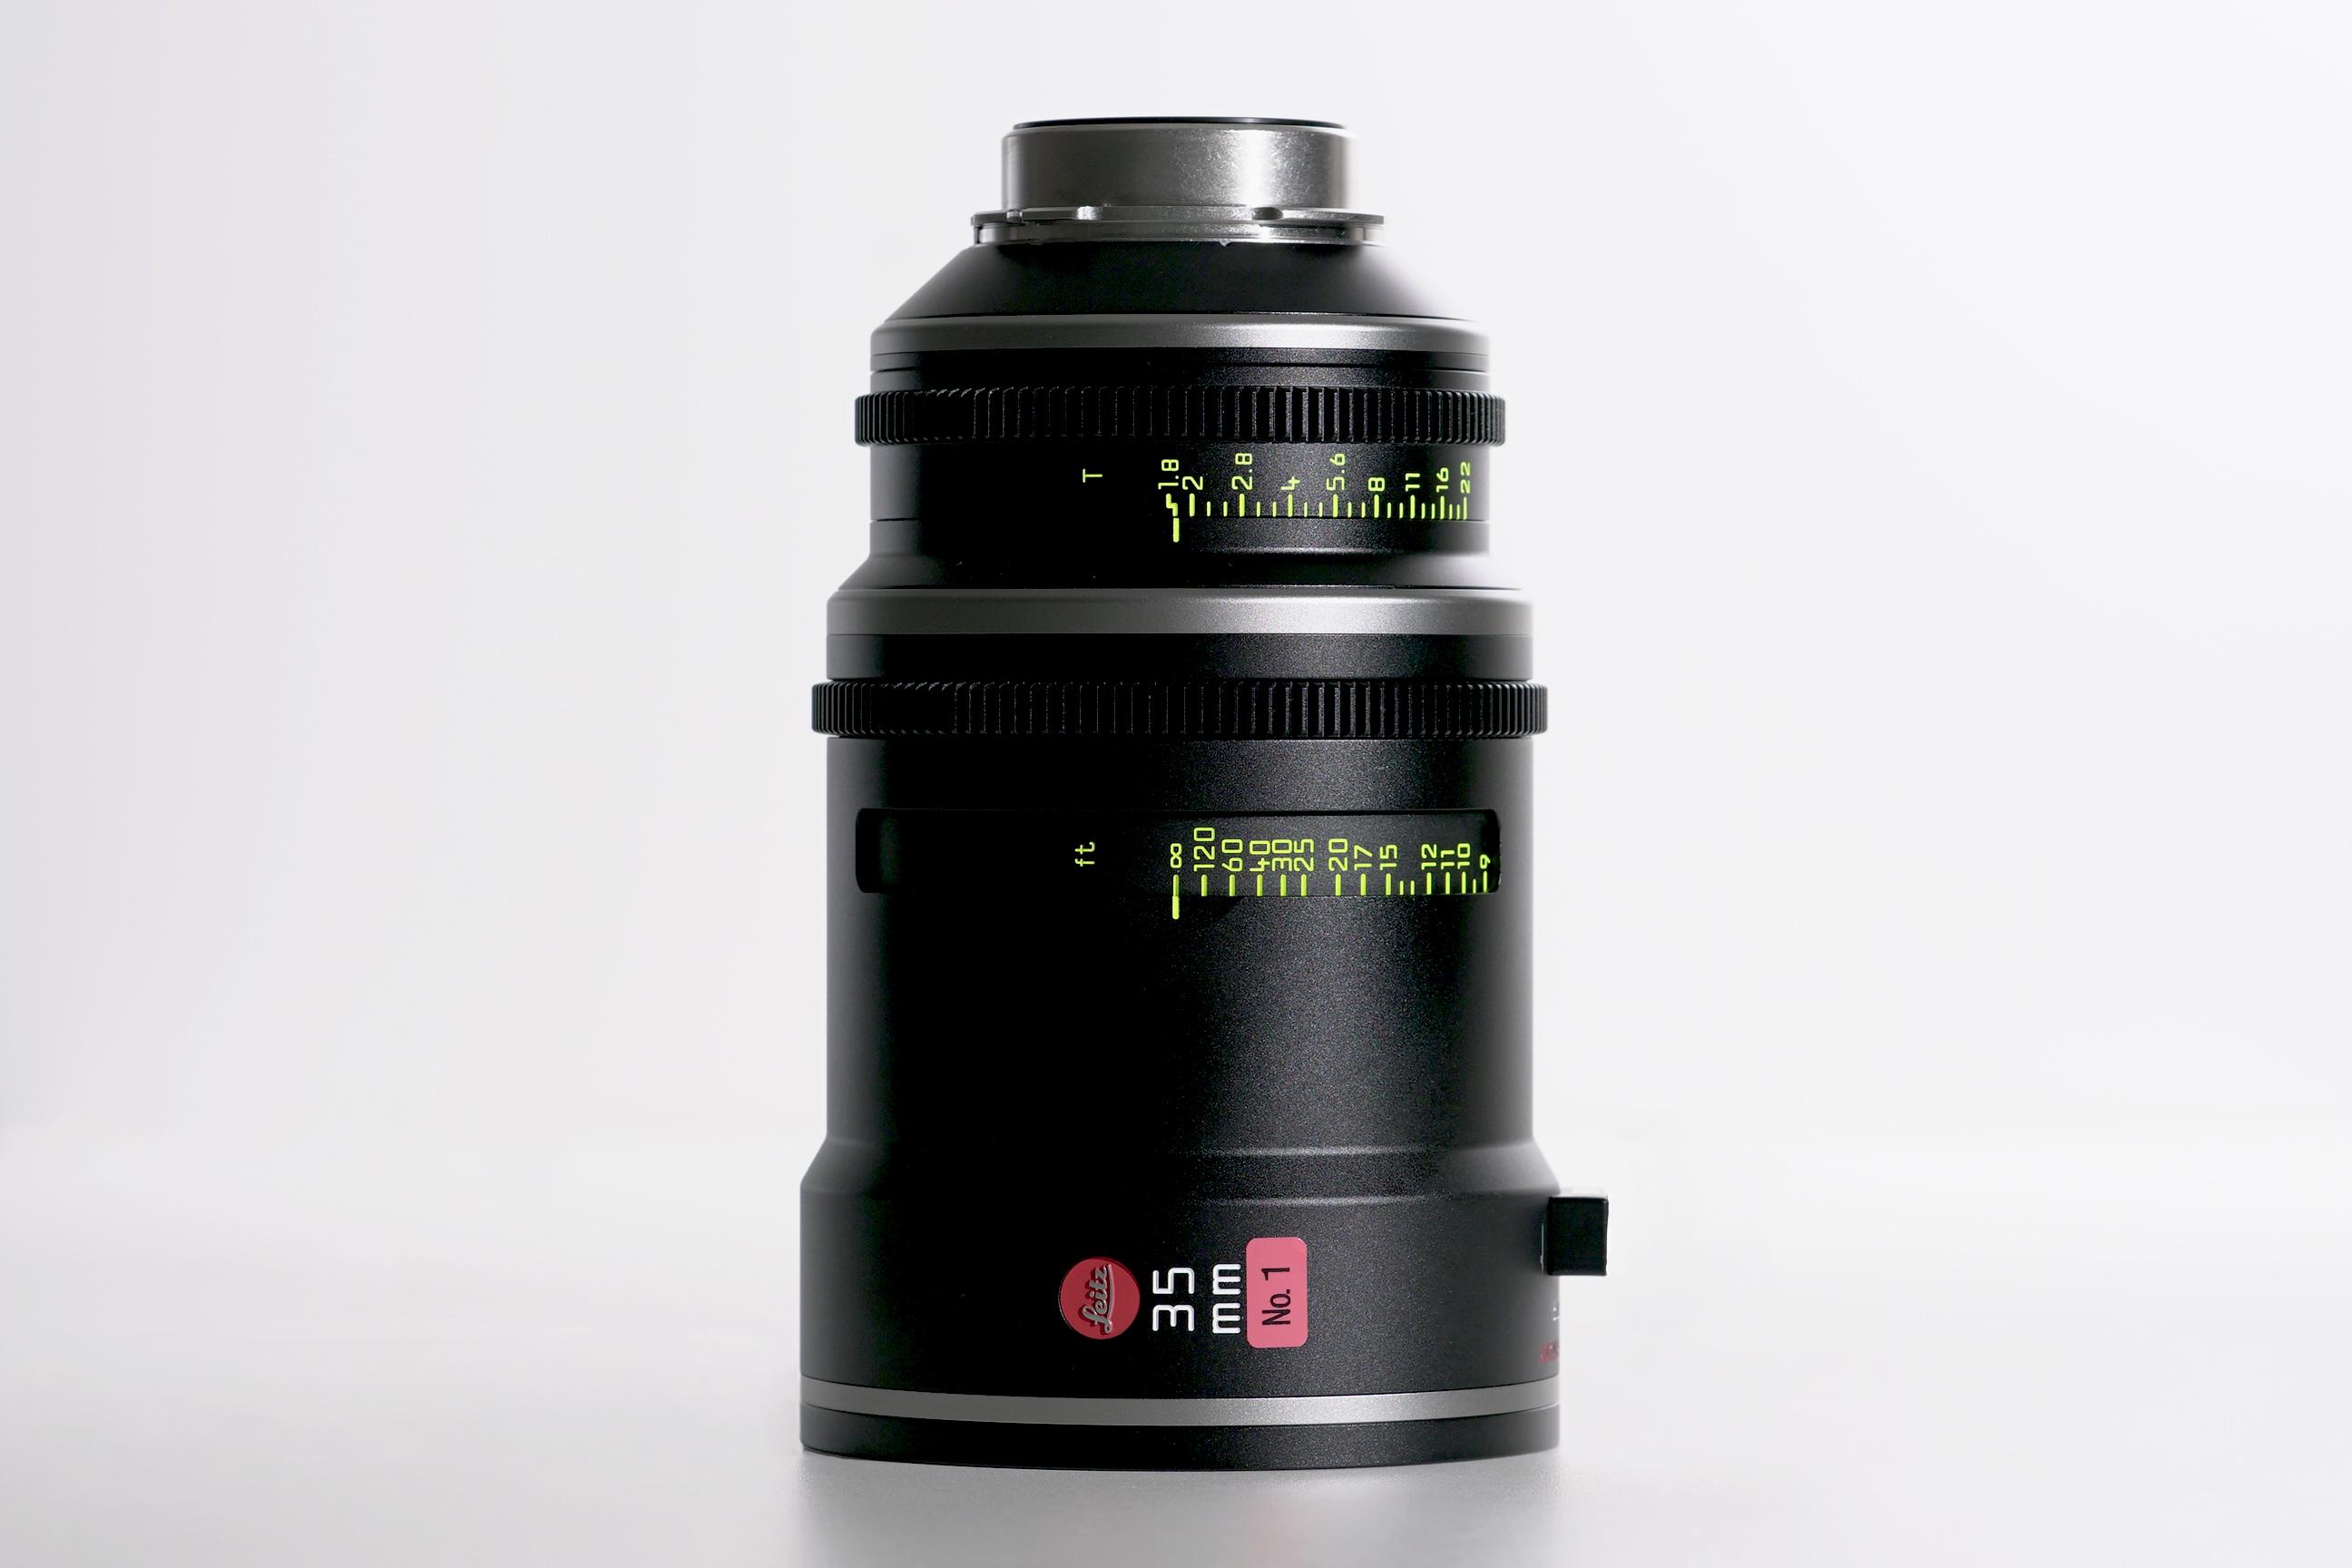 Leitz Prime 35mm T1.8